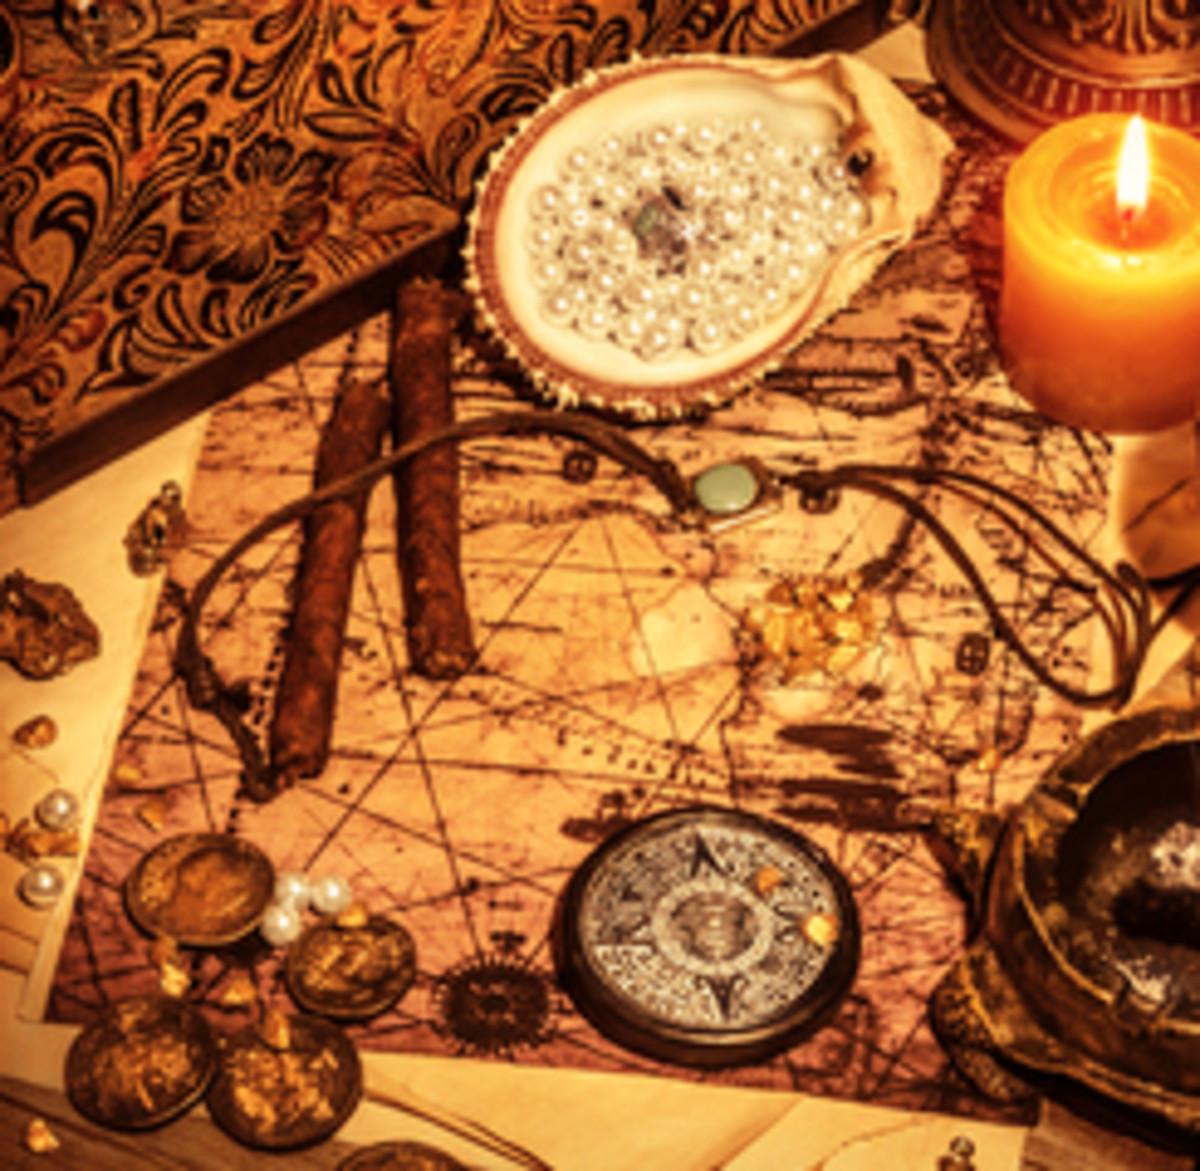 Lists aren't treasure maps!